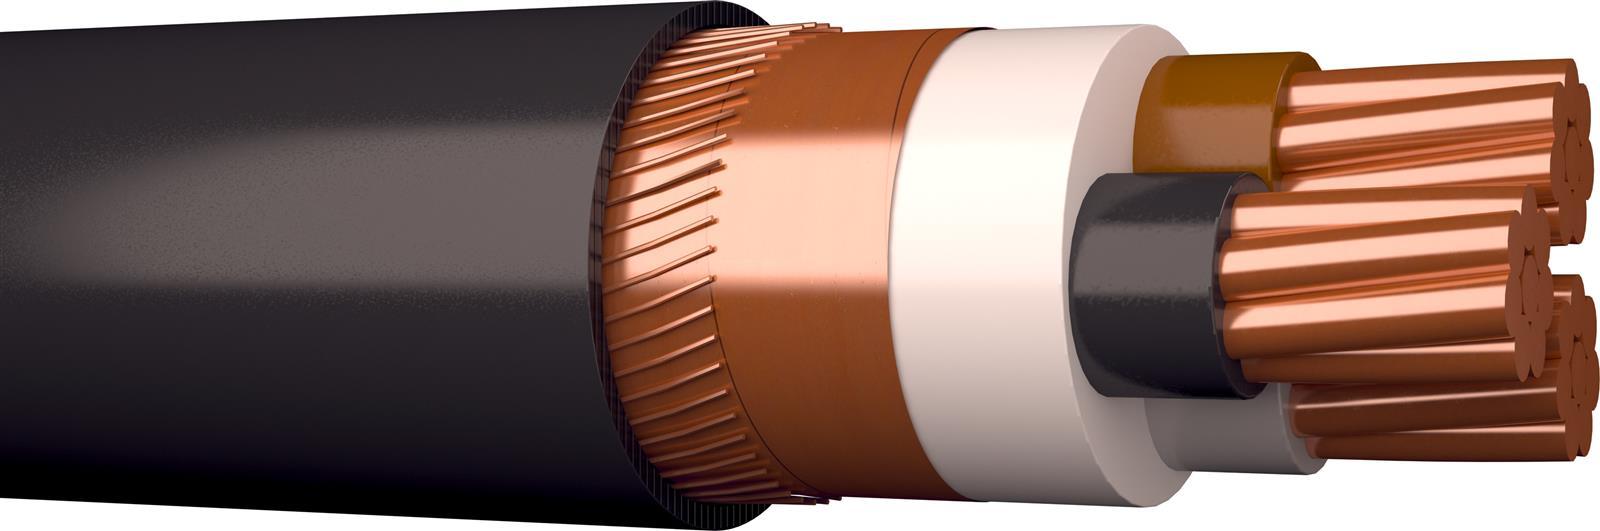 FXQJ-EMC PURE 3X35 FR/16